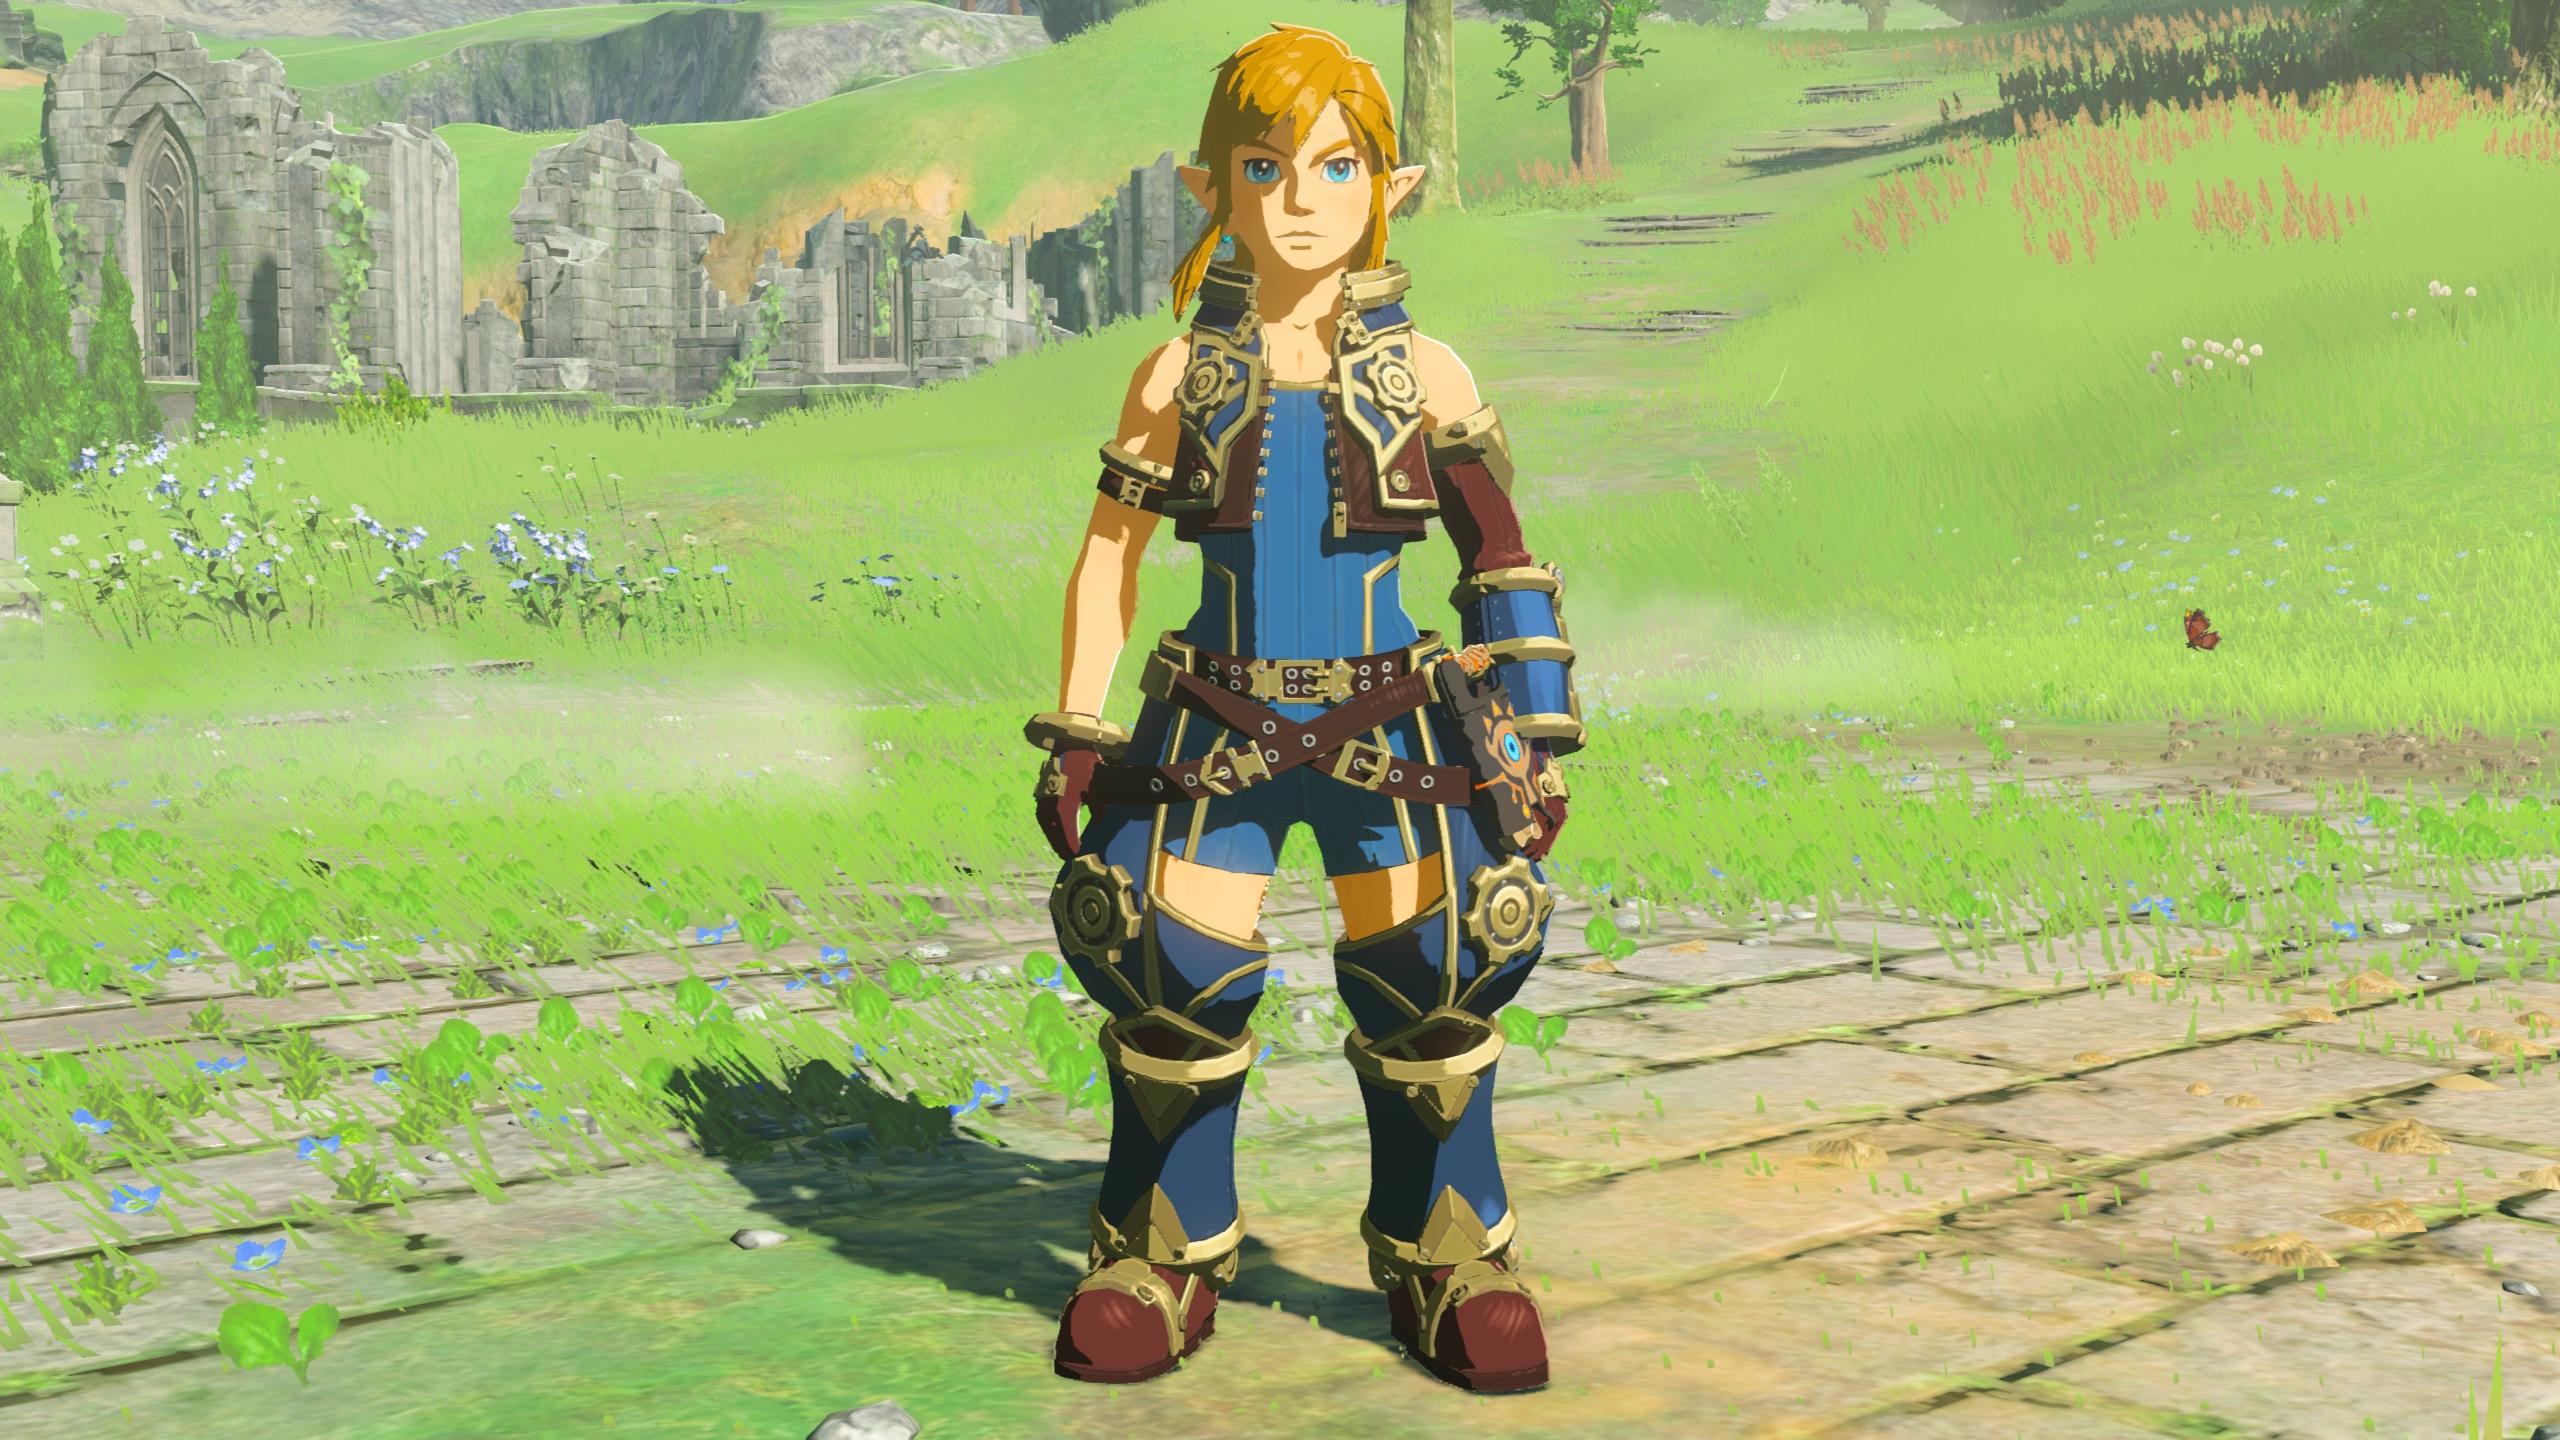 Zelda: Breath of the Wild recibirá un DLC gratuito de Xenoblade Chronicles 2